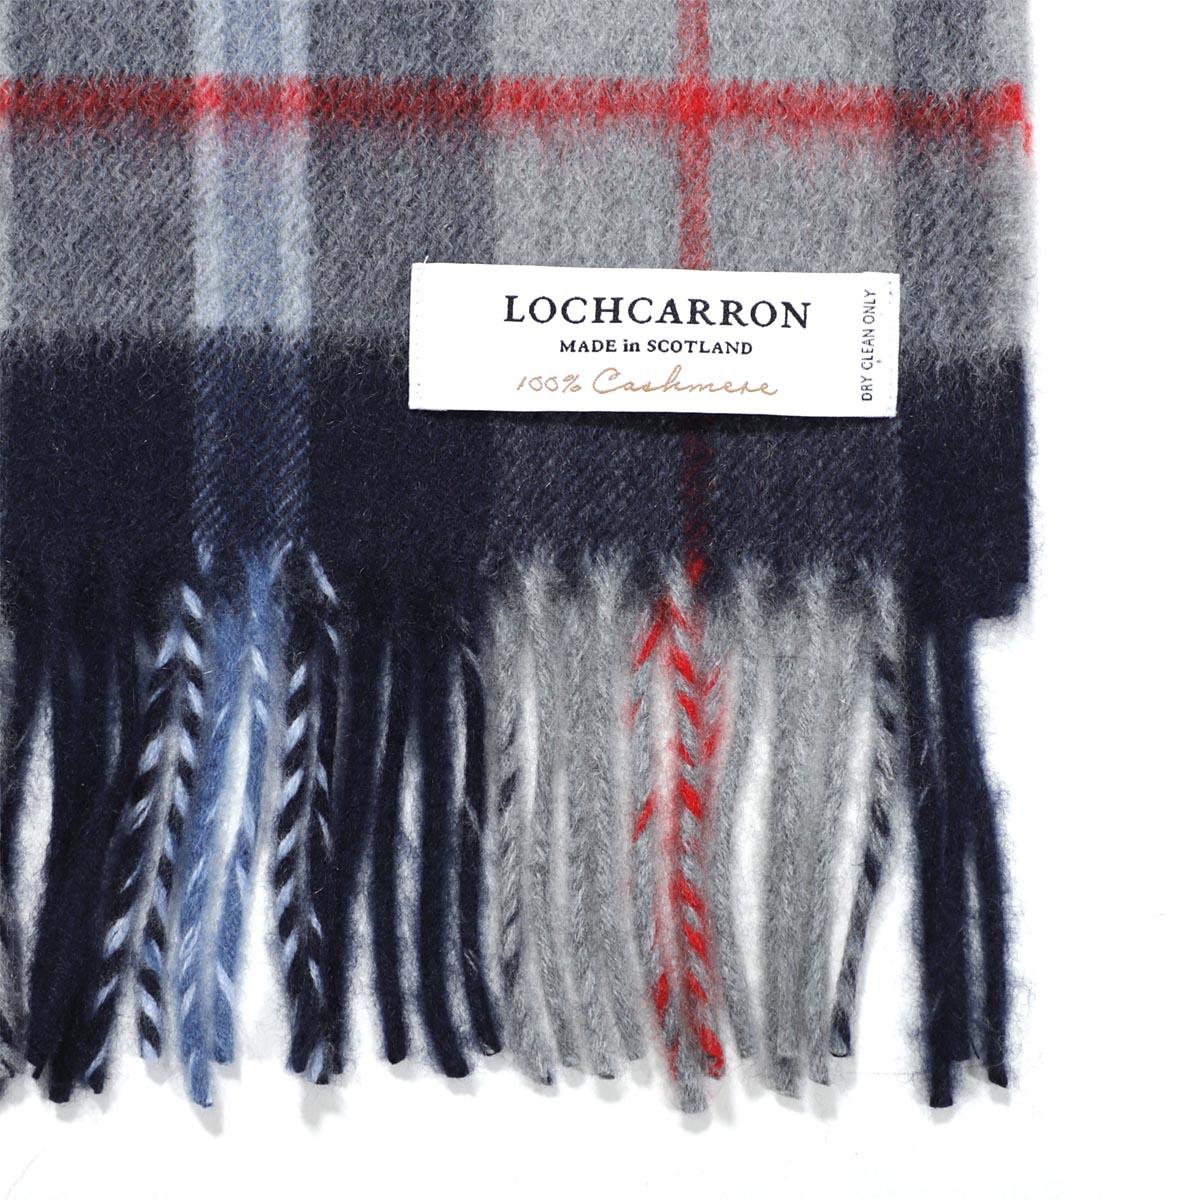 【タイムセール ACCS】LOCHCARRON OF SCOTLAND  ロキャロン カシミア マフラー/2123A レディース